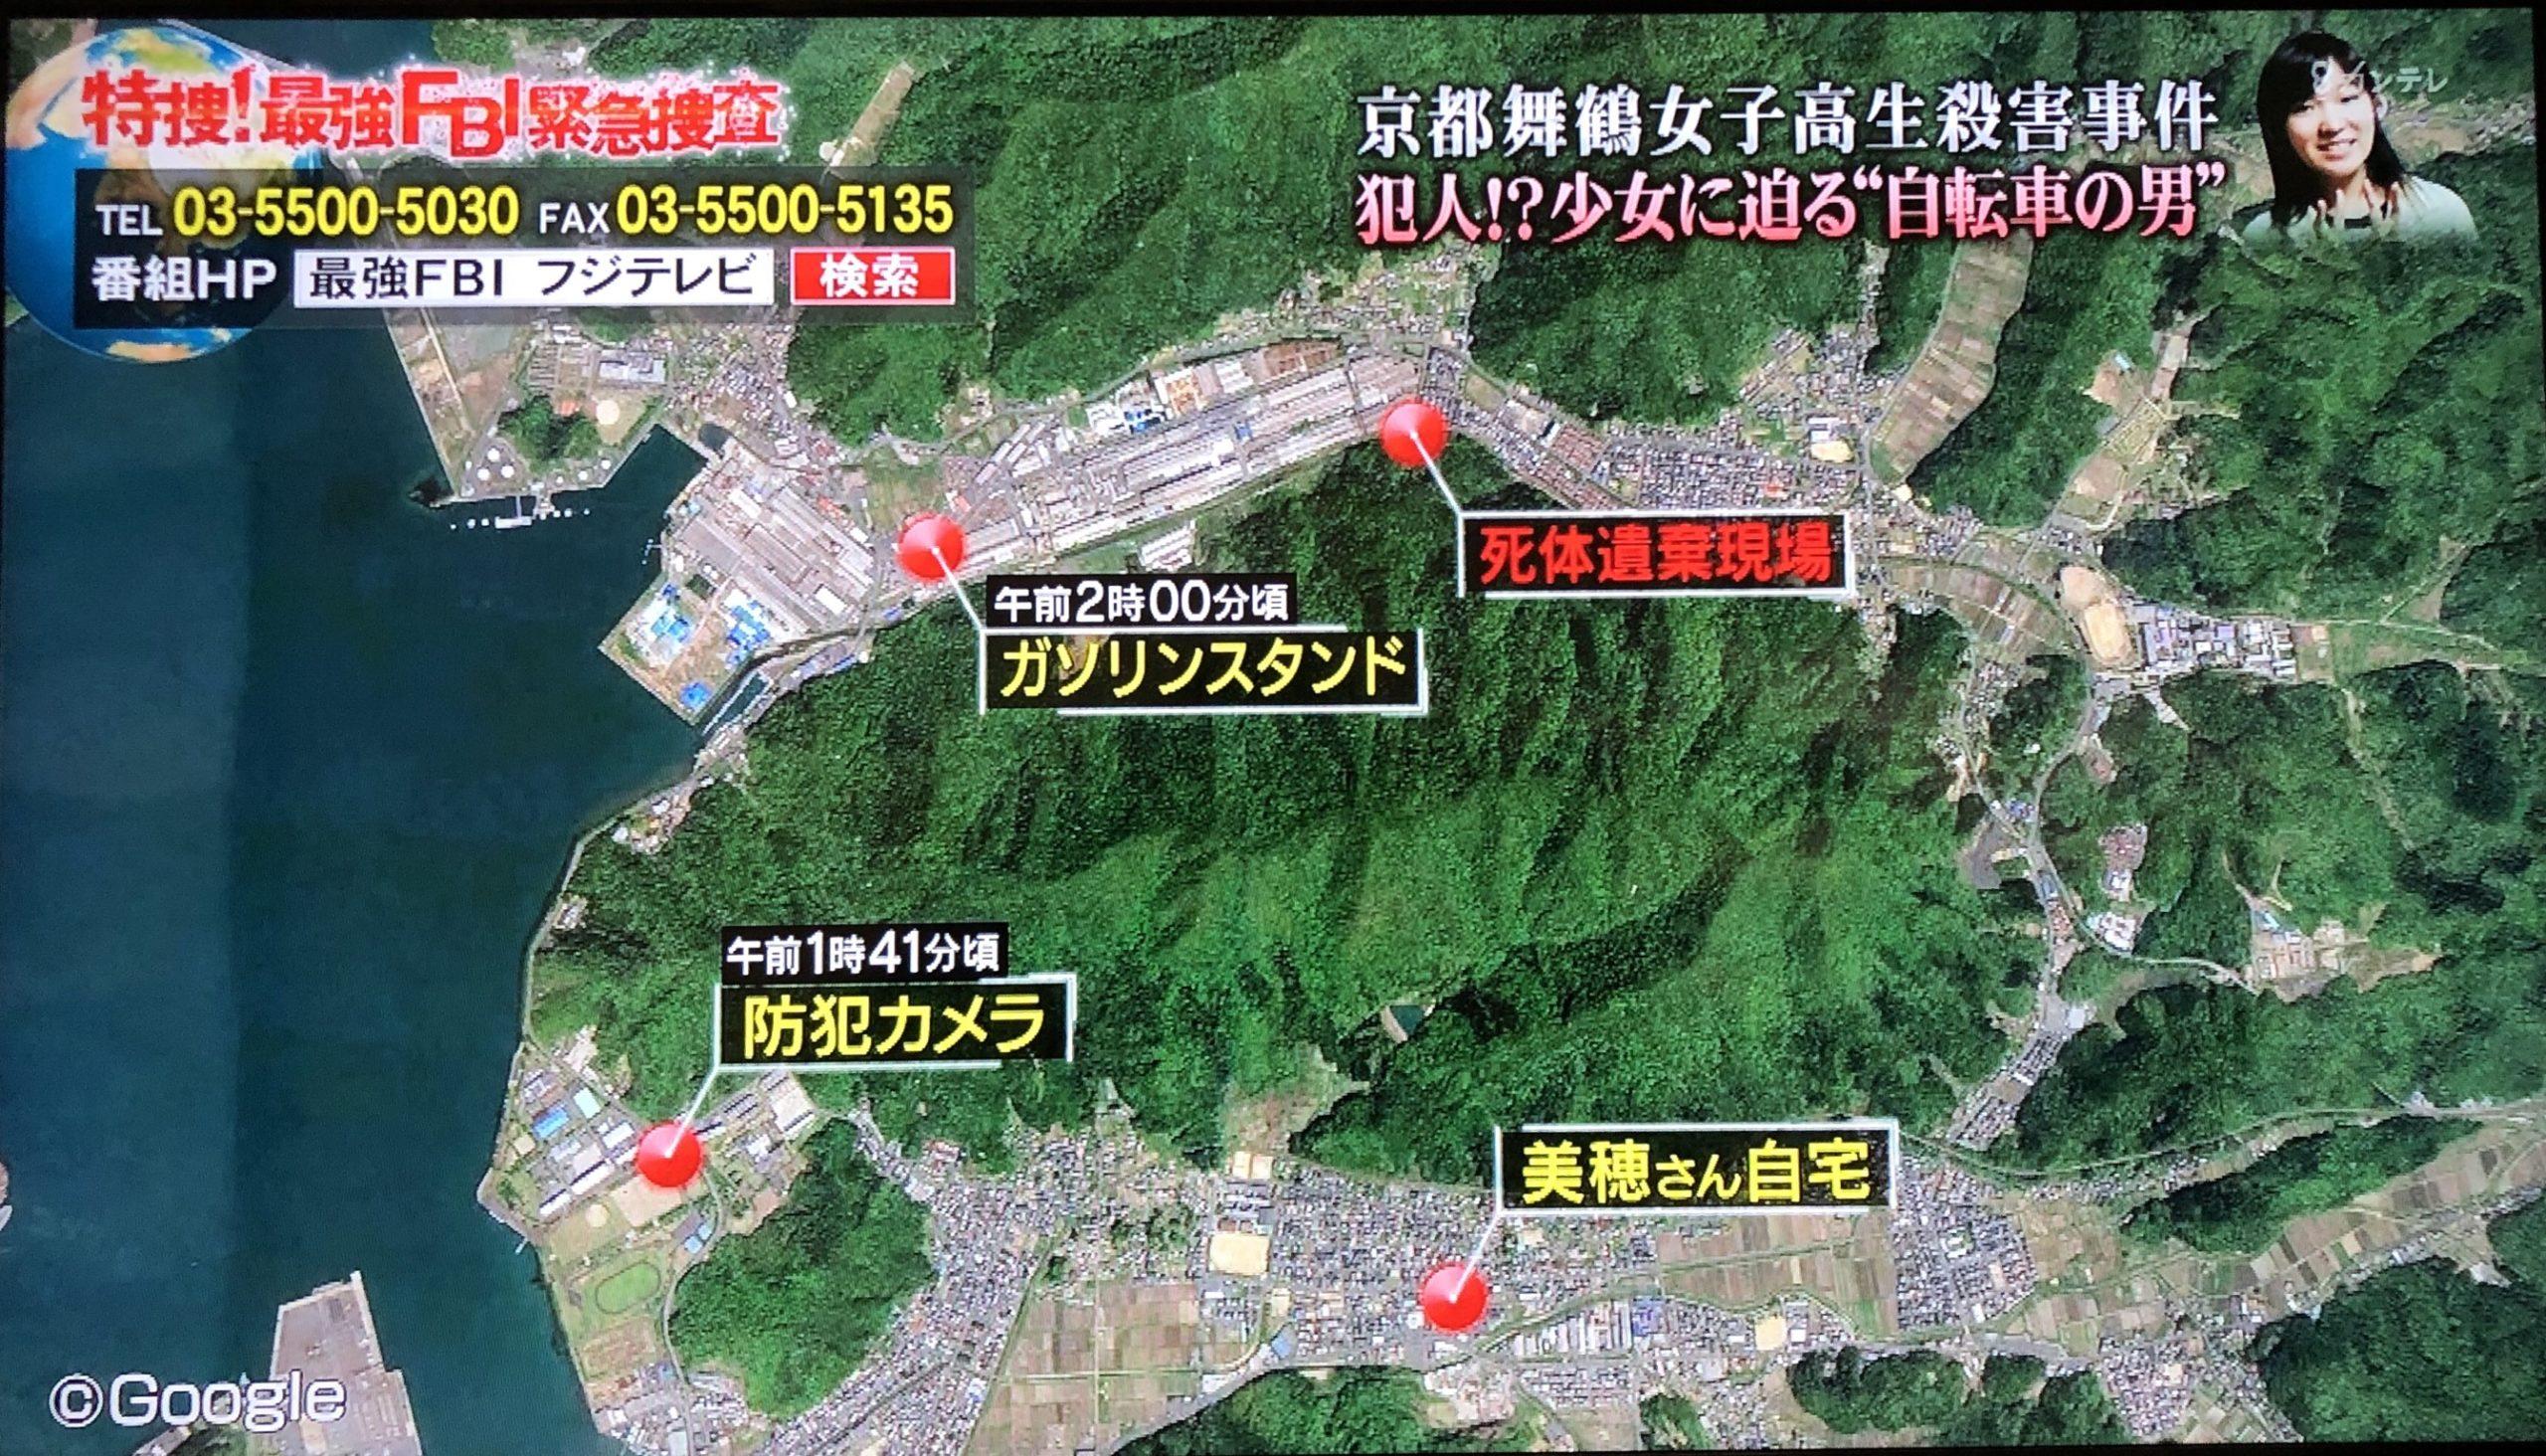 女子 殺害 犯人 事件 高生 舞鶴 行方不明から2日後、雑木林で発見された女子高生の遺体…軍港の町で何が起こったのか